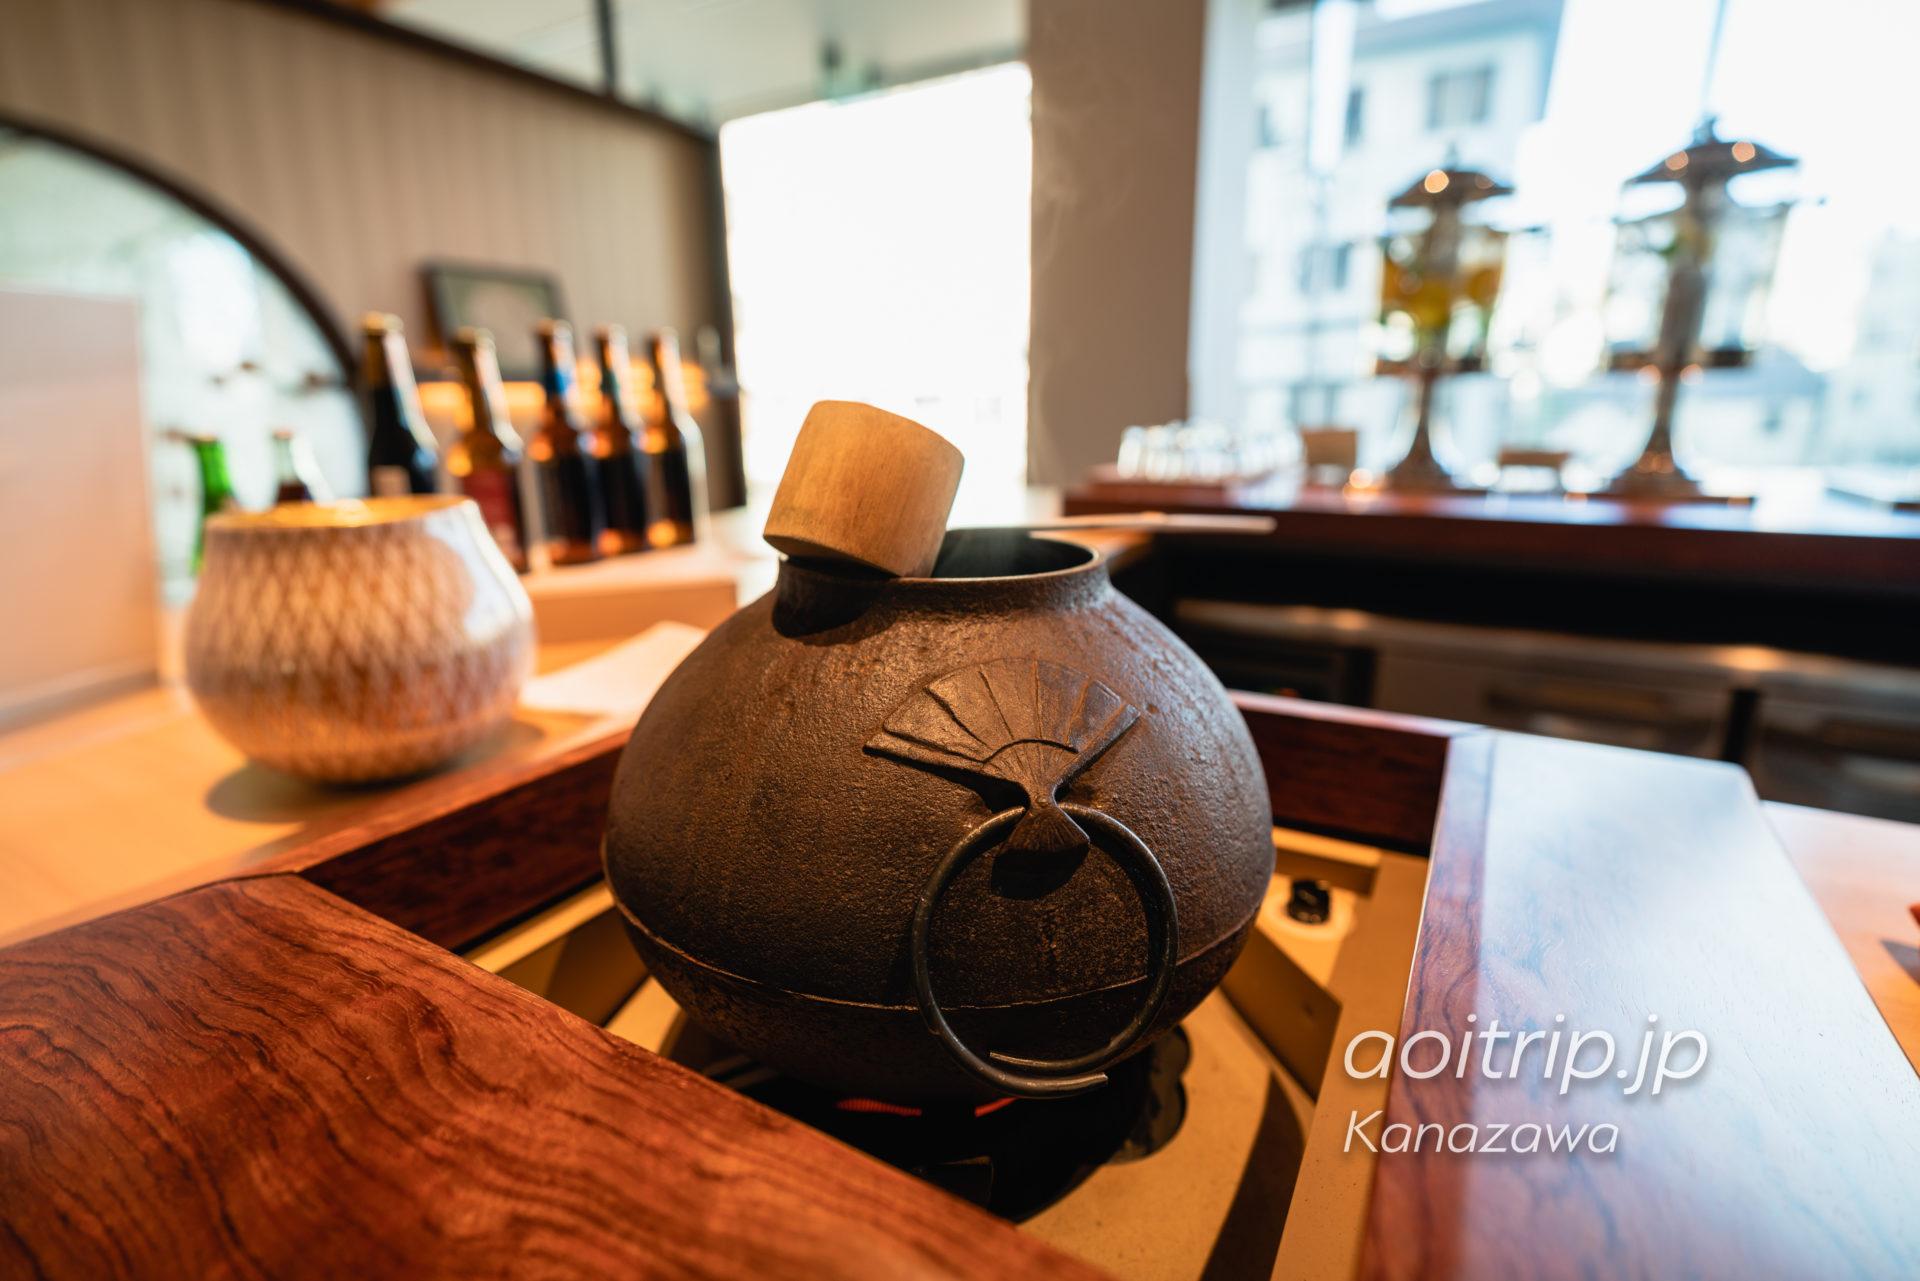 アゴーラ金沢のホテル2Fラウンジでいただく抹茶